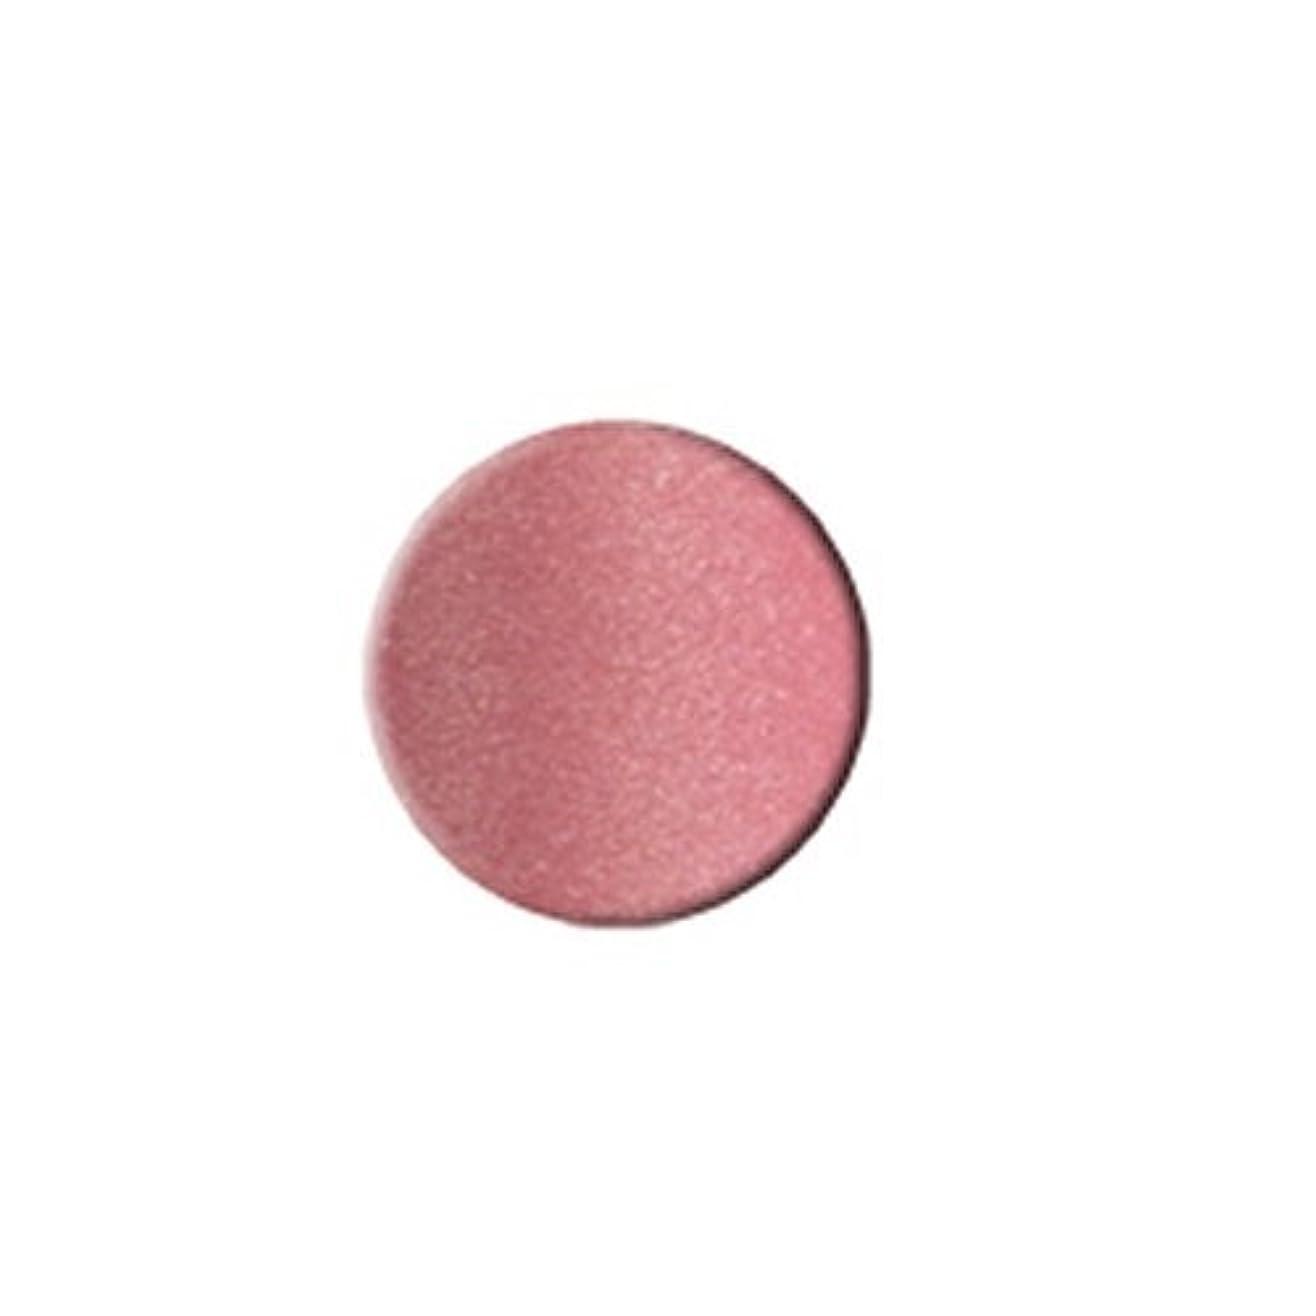 境界ロータリー言うまでもなくKLEANCOLOR Everlasting Lipstick - Perfect Pink (並行輸入品)